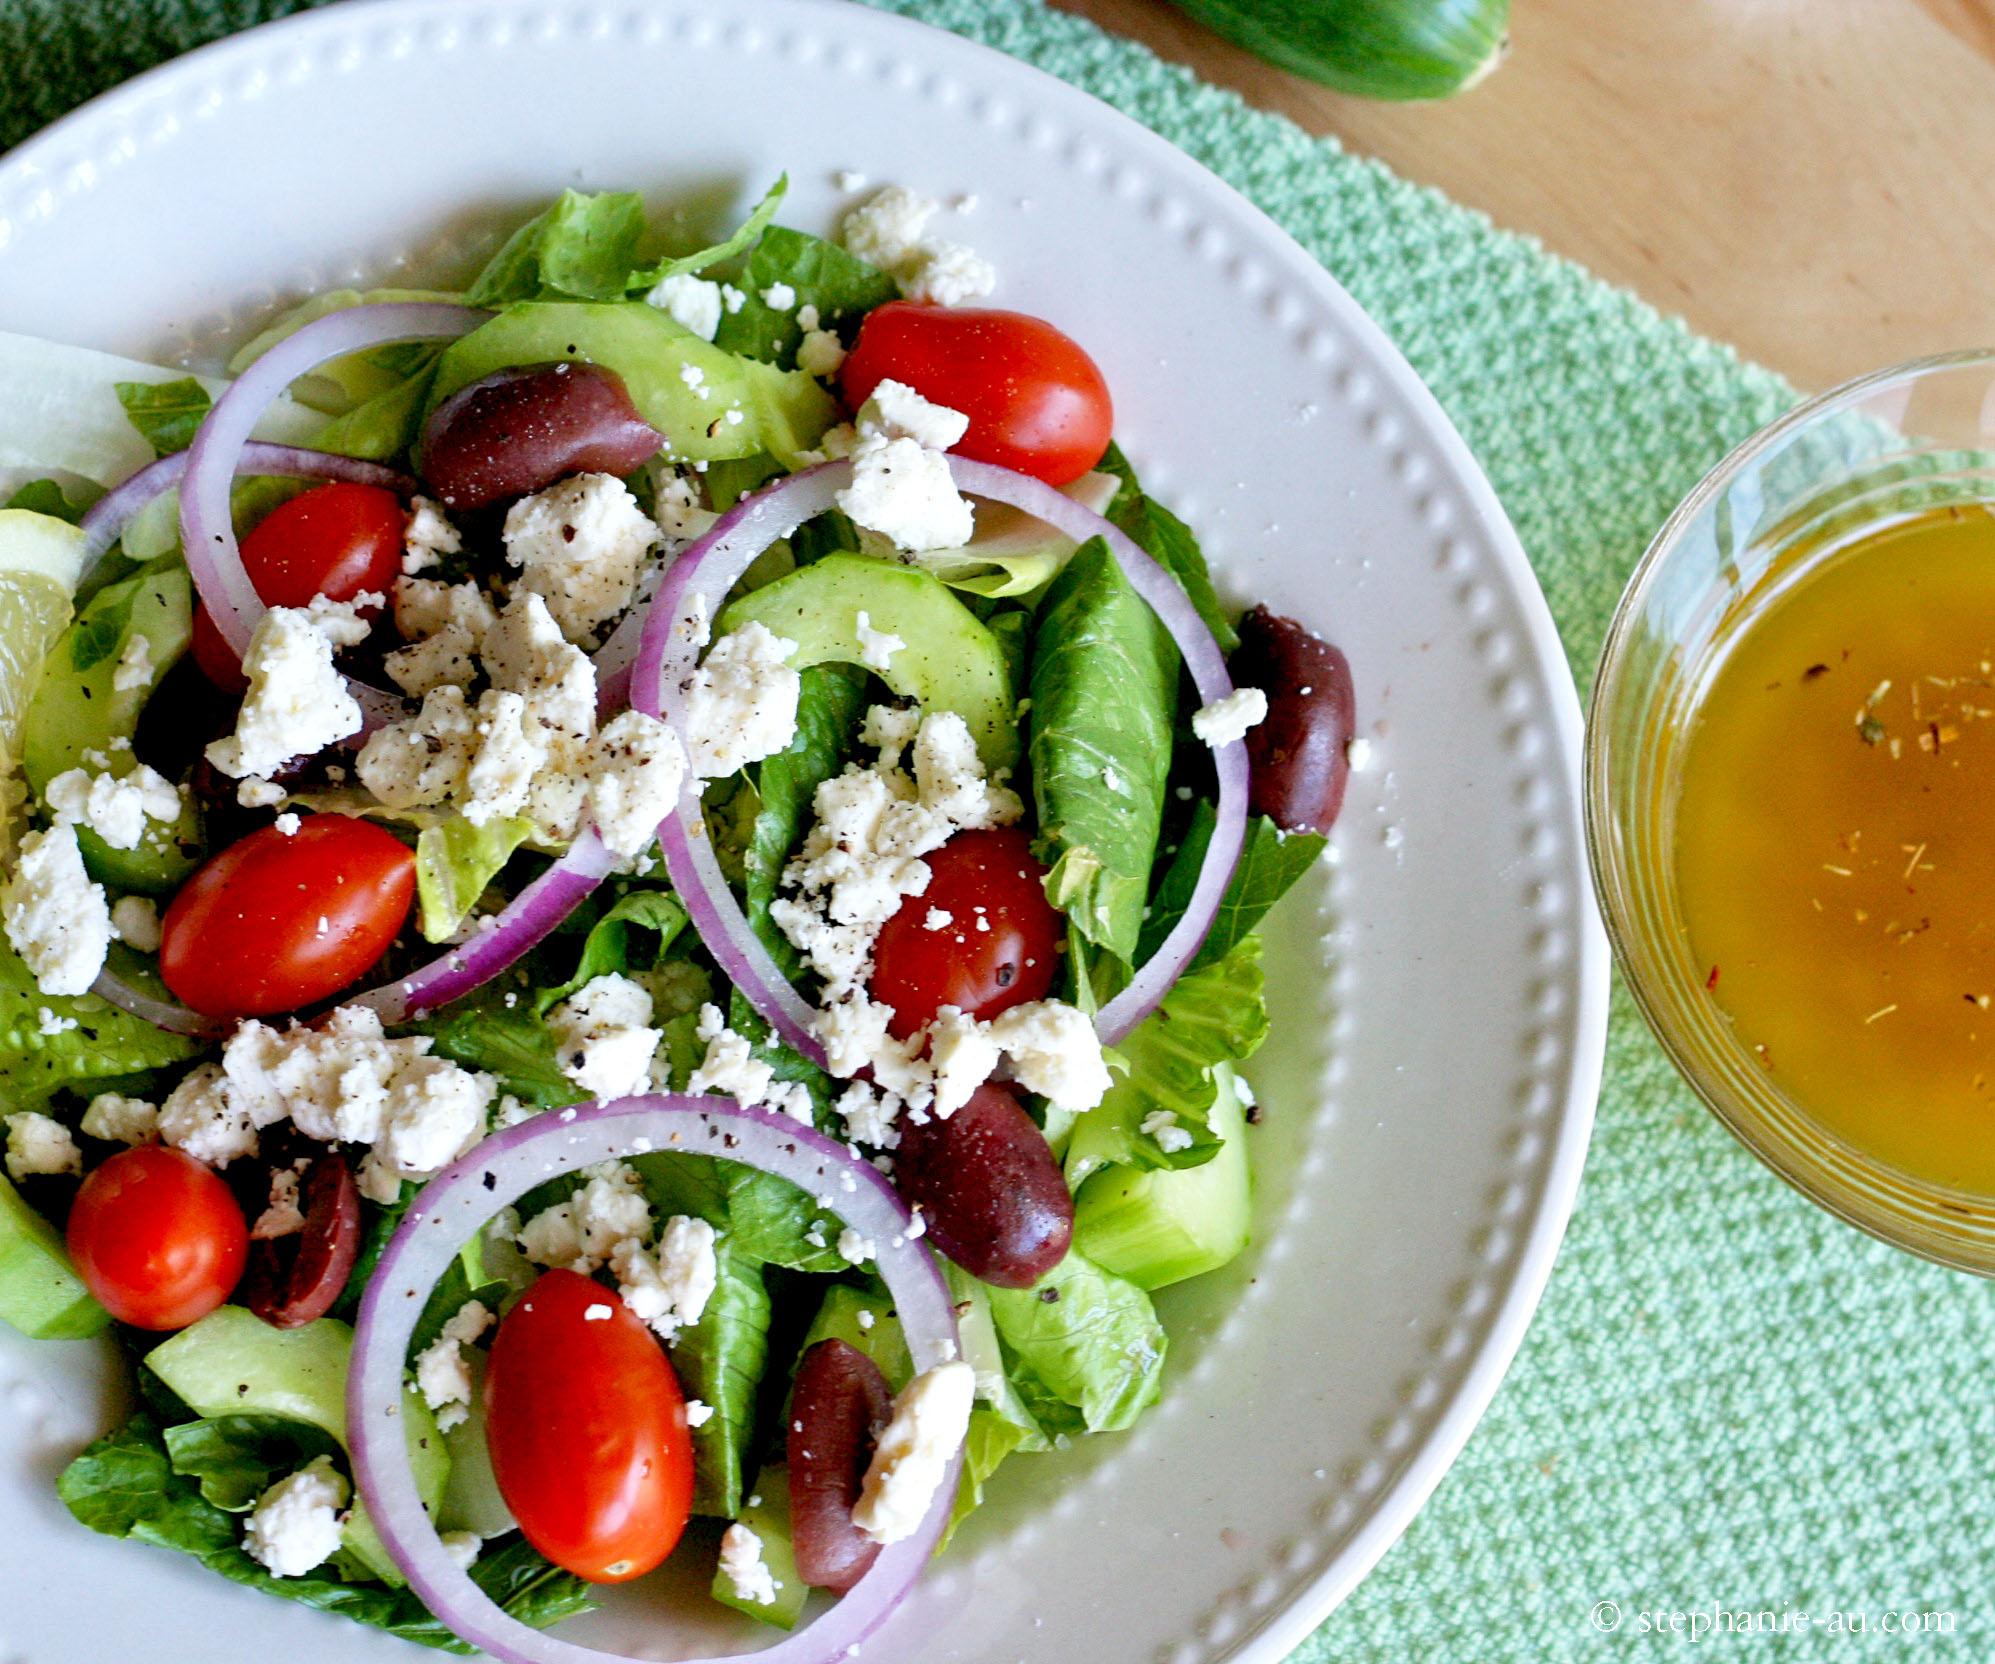 ensaladas-griega